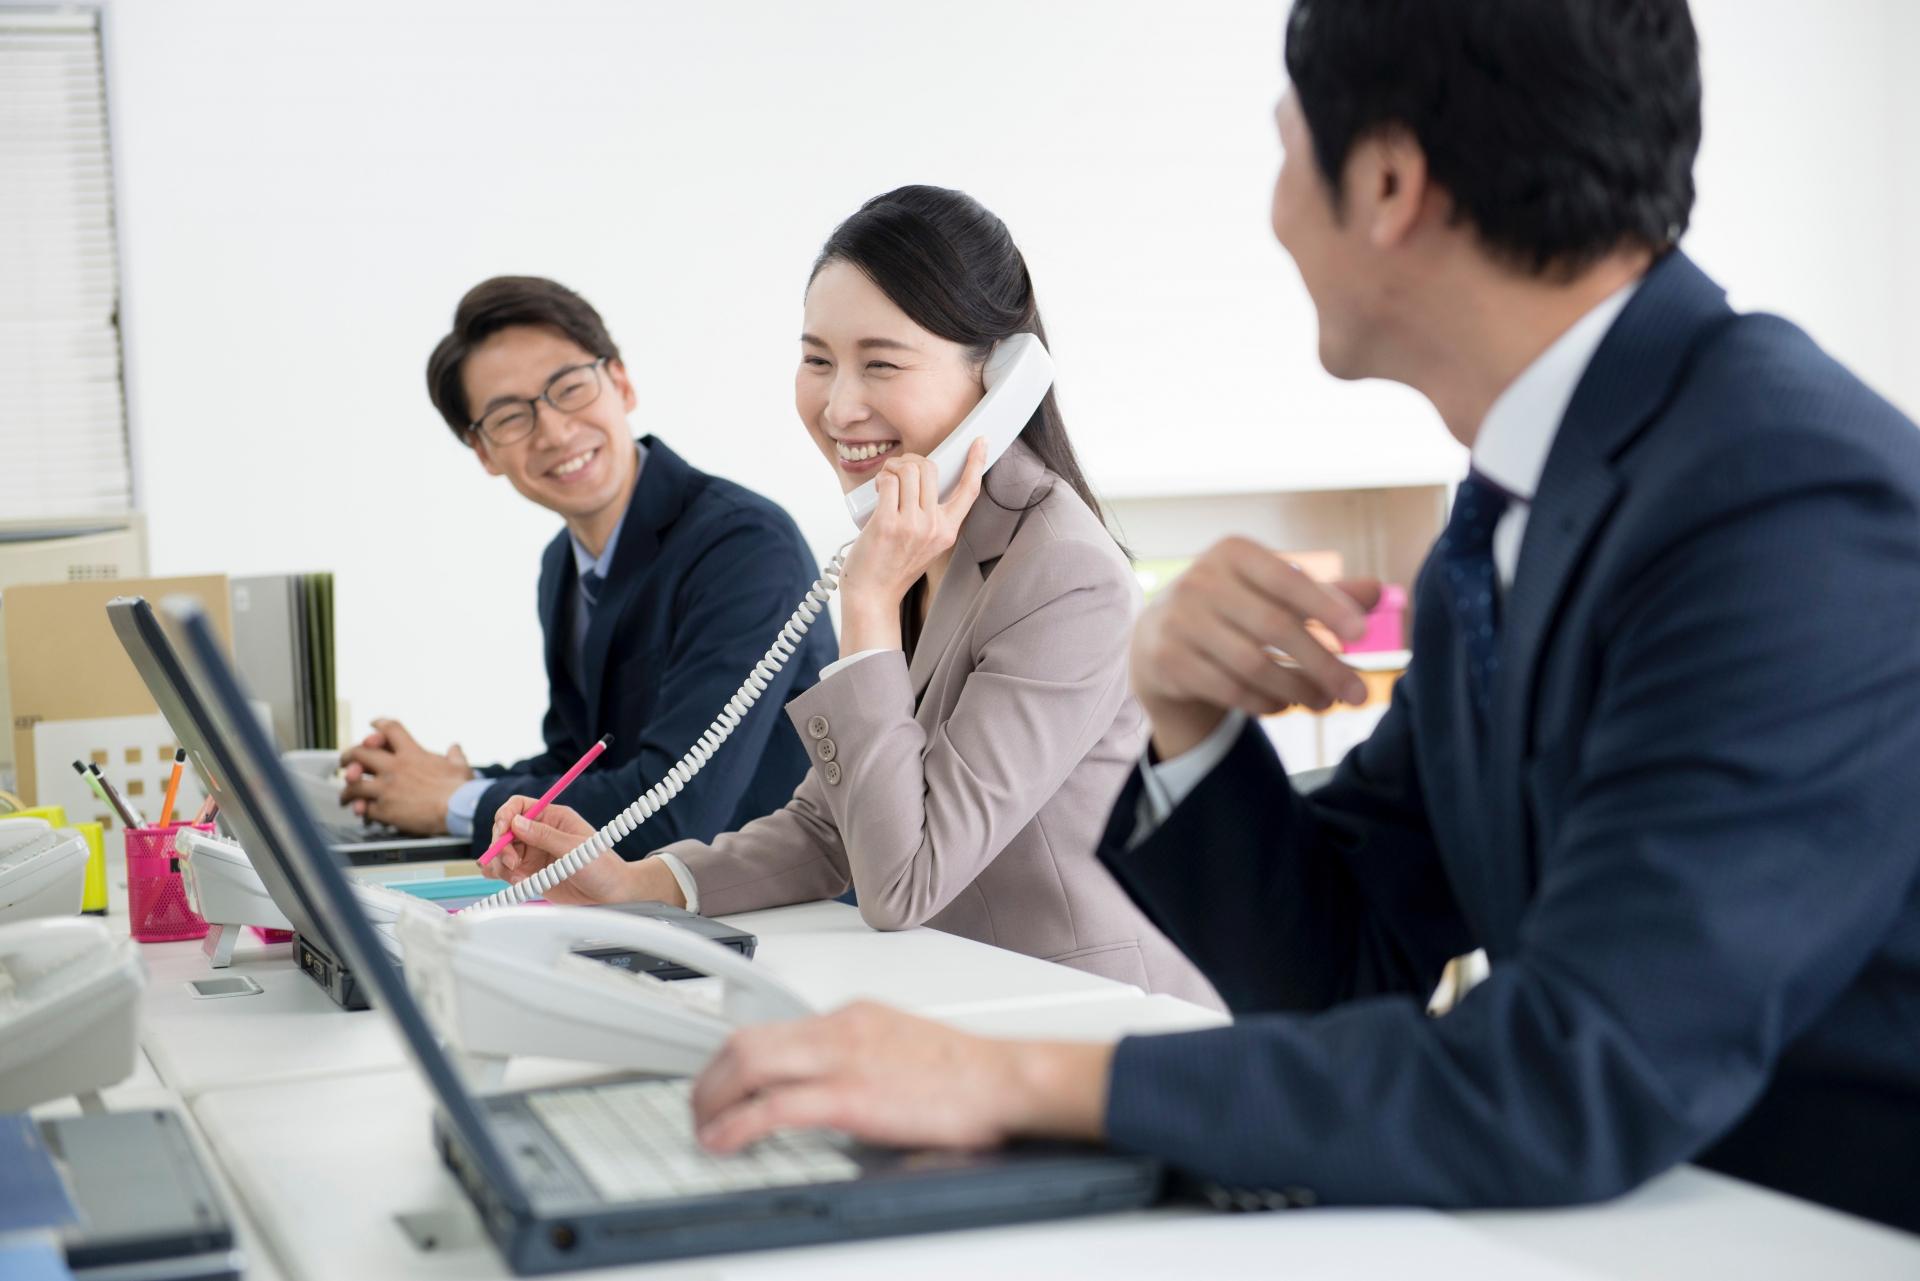 単純作業を効率化する能力が事務員にも求められる時代に